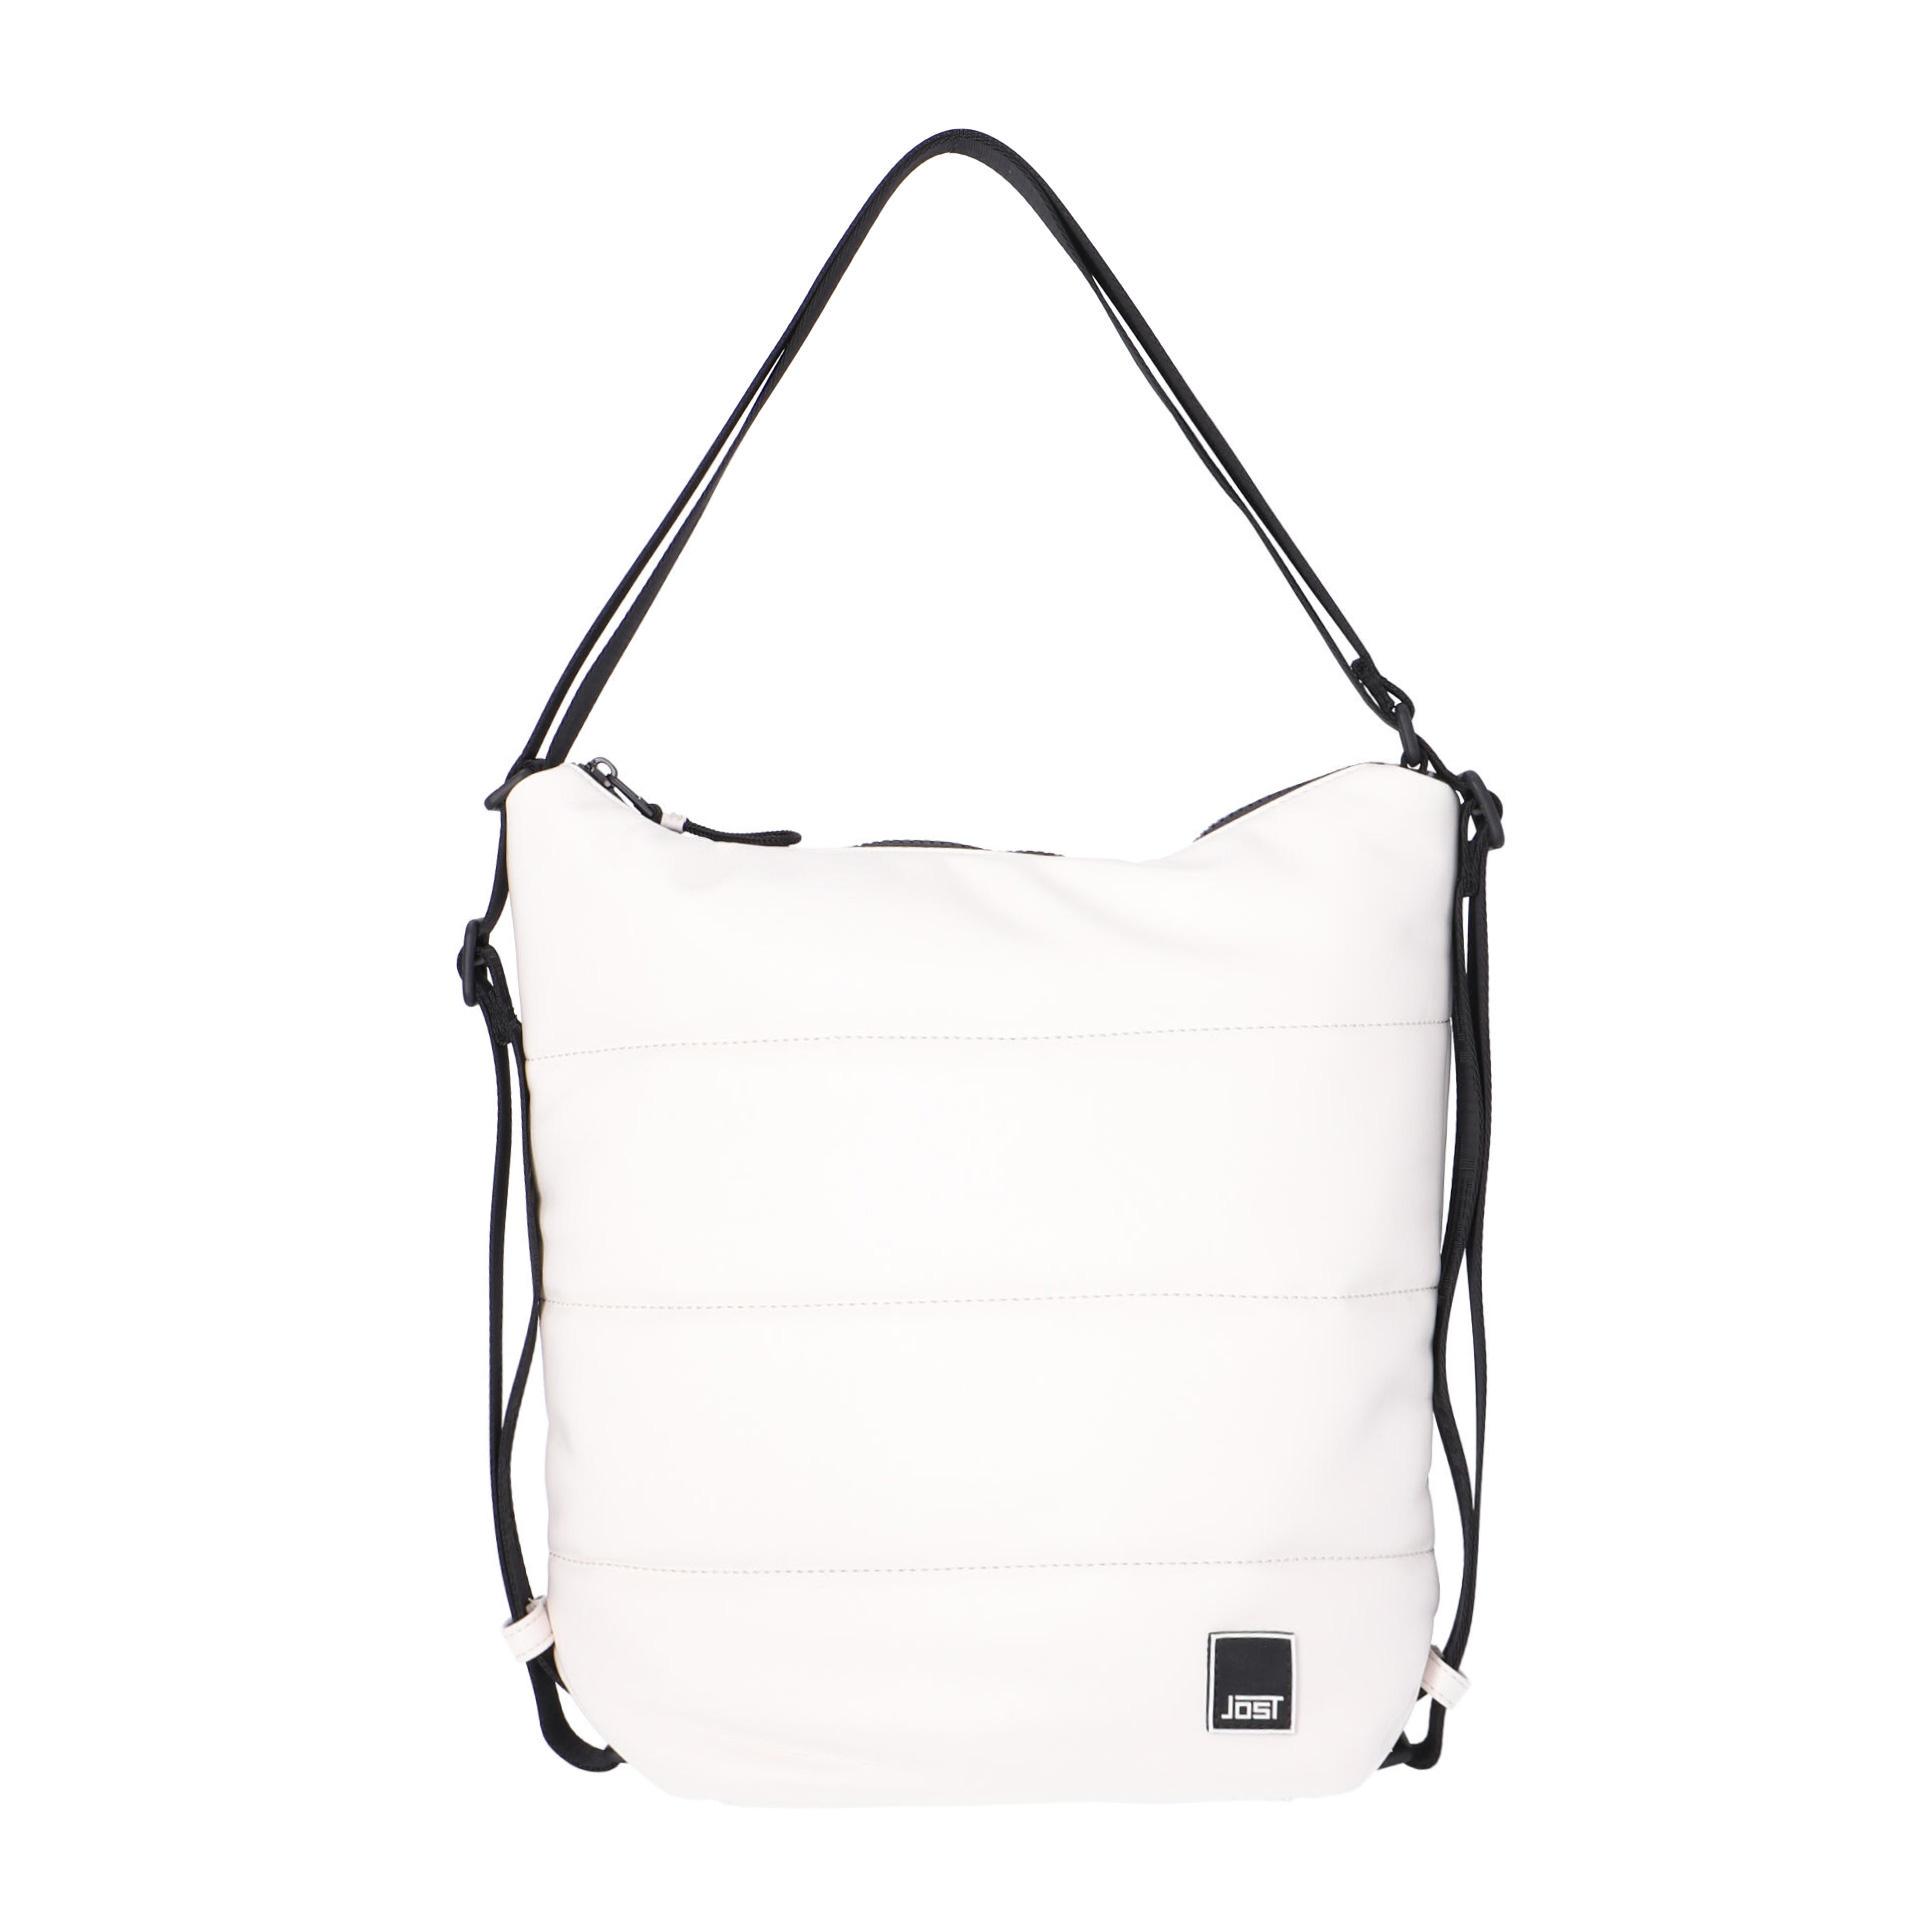 Jost Kaarina 3-Way Bag aus Recycling Material